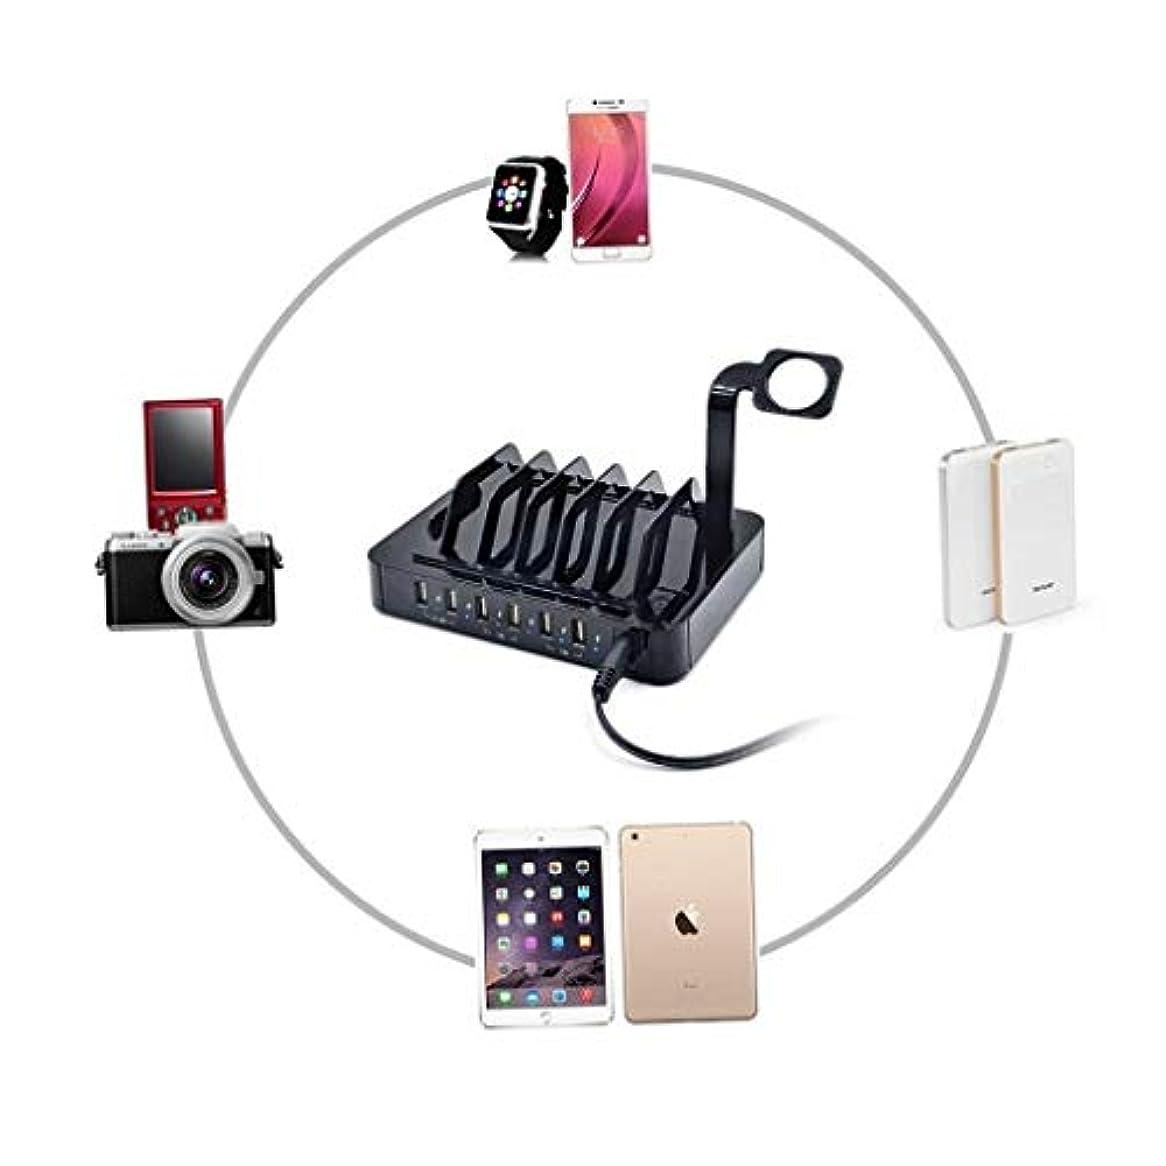 絶えず偽物センサー複数の電話用充電ドックステーション6ポート、マルチ充電ウォッチと互換性の駅、電話、タブレットを充電